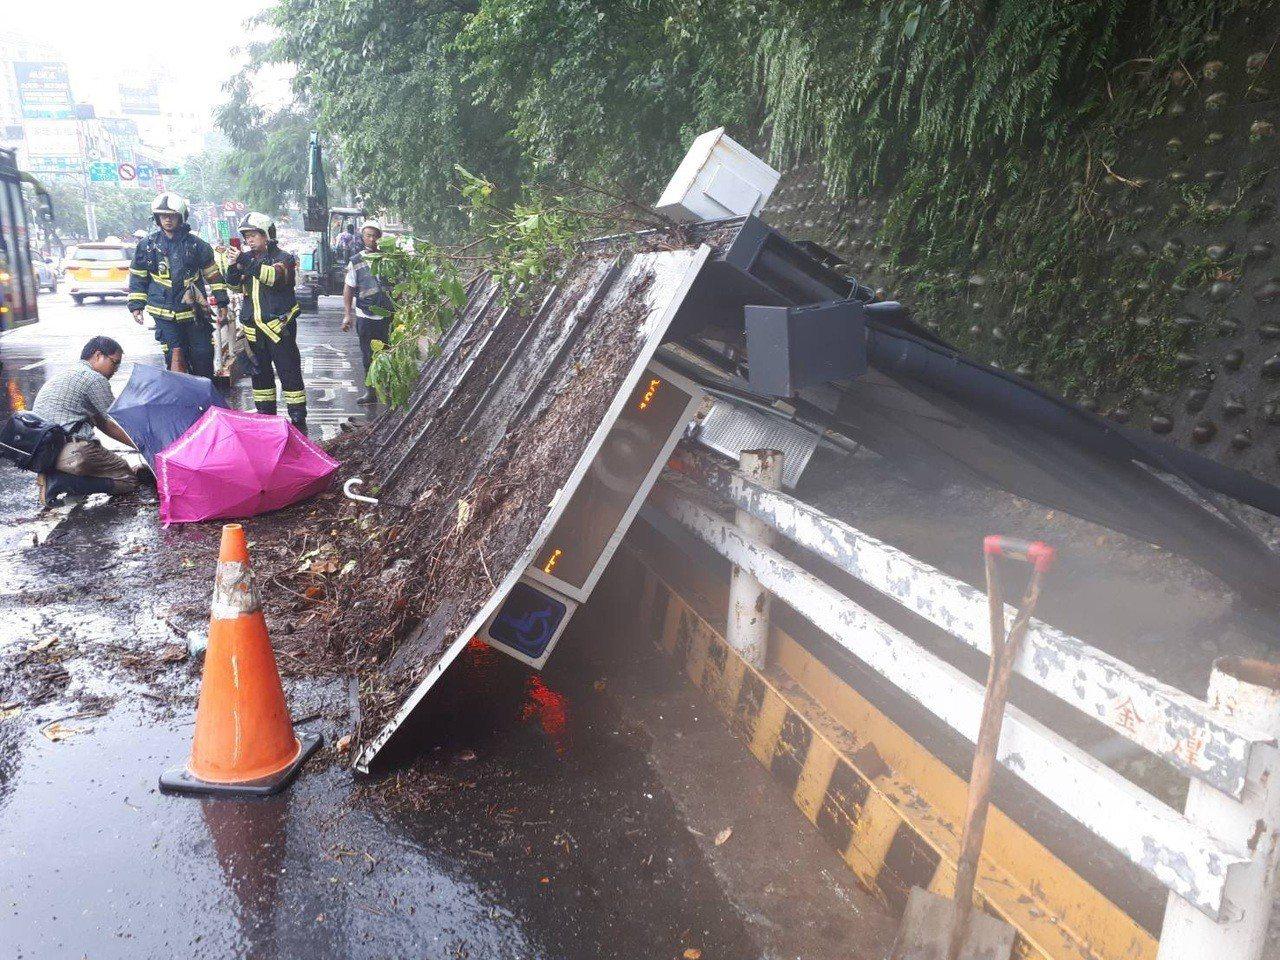 台北市內湖區星雲街、成功路口的公車候車亭,忽然倒塌壓傷人,消防隊趕到將兩名傷者送...